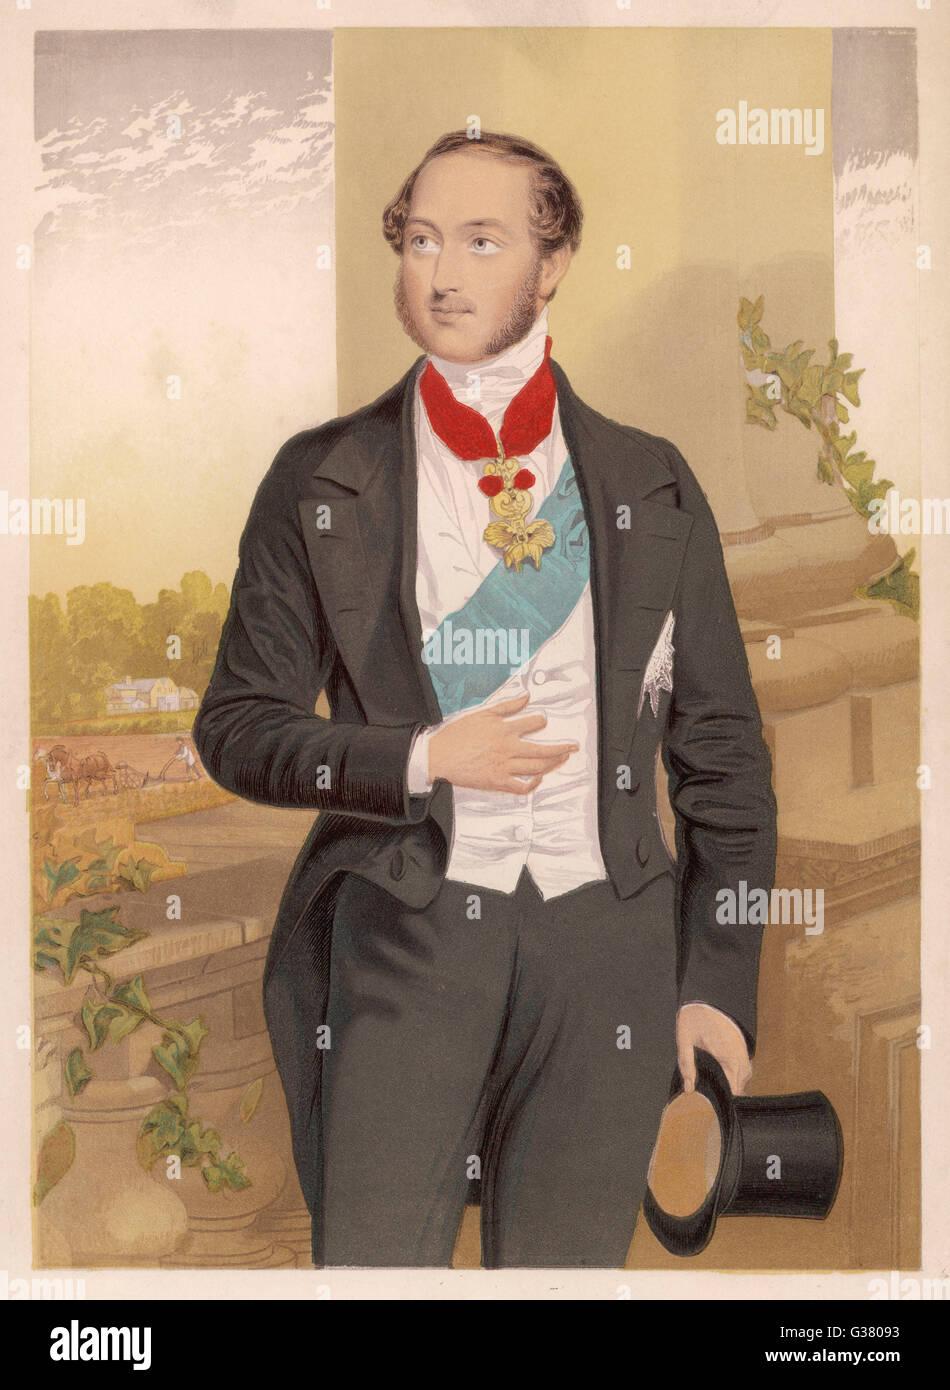 PRINCE ALBERT  Consort of Queen Victoria        Date: 1819-1861 - Stock Image